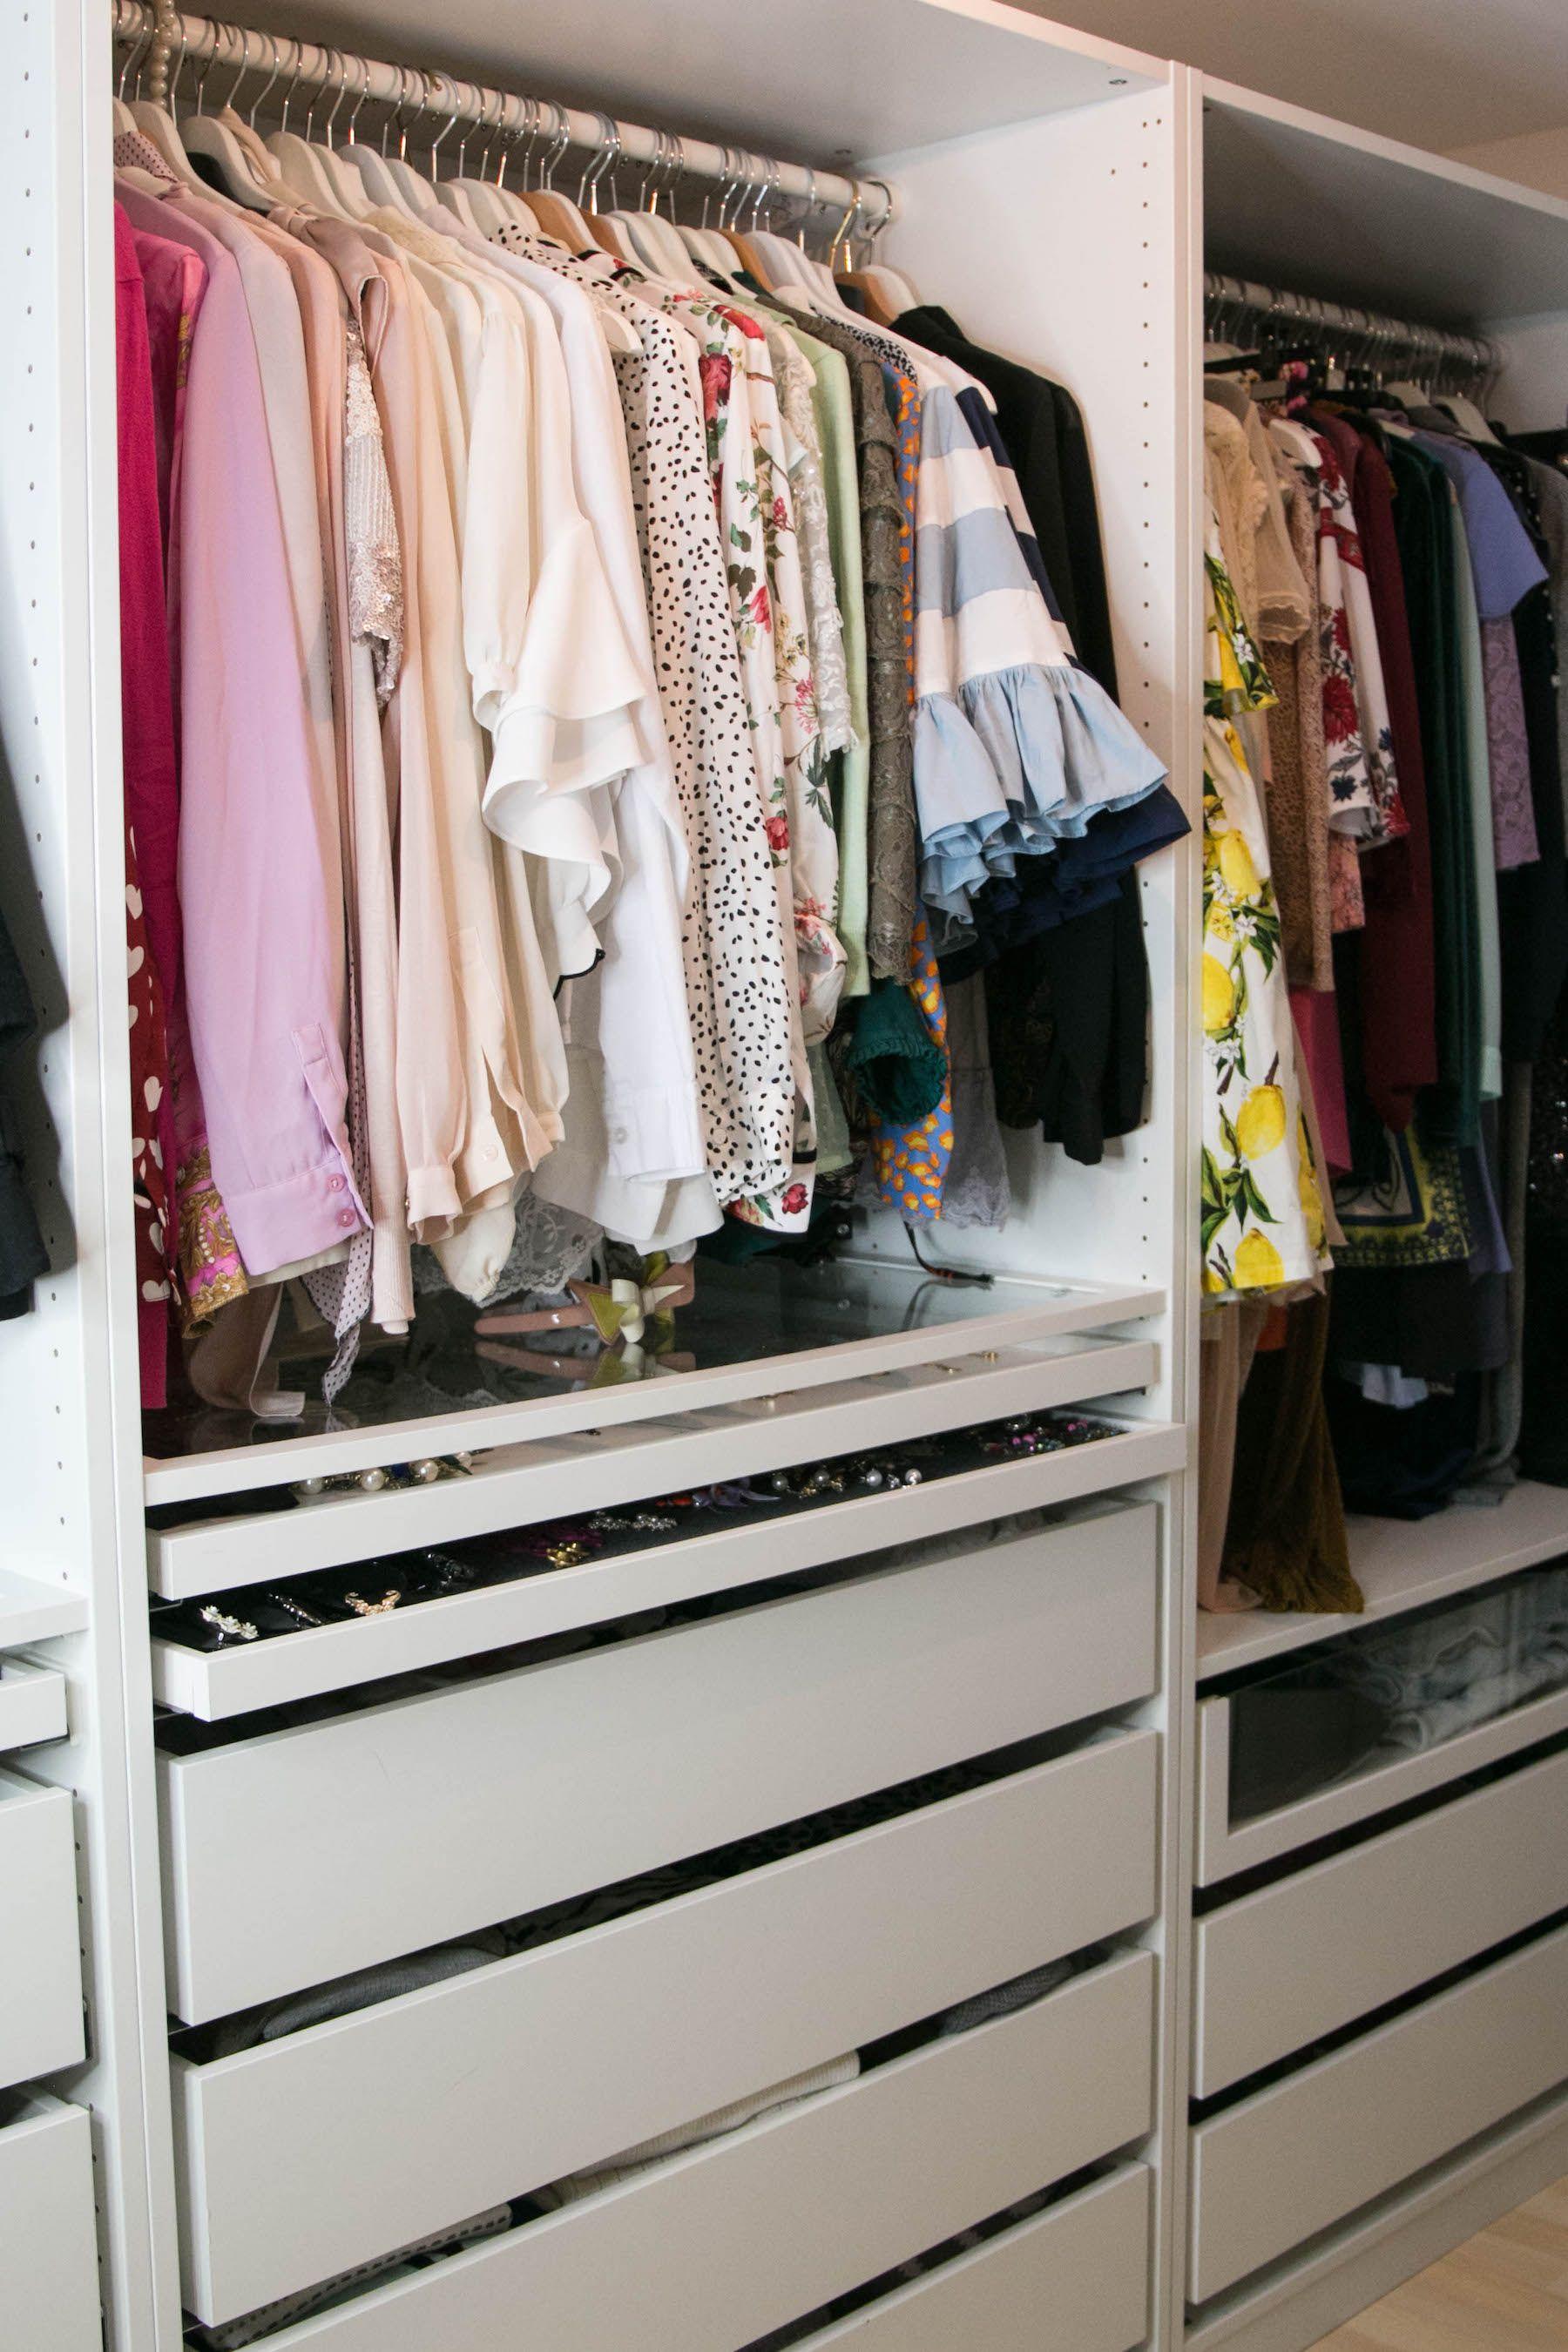 Mein Ankleidezimmer Mit Ikea Pax Gewinnspiel Sara Bow Ankleide Begehbarer Kleiderschrank Planen Ankleide Zimmer